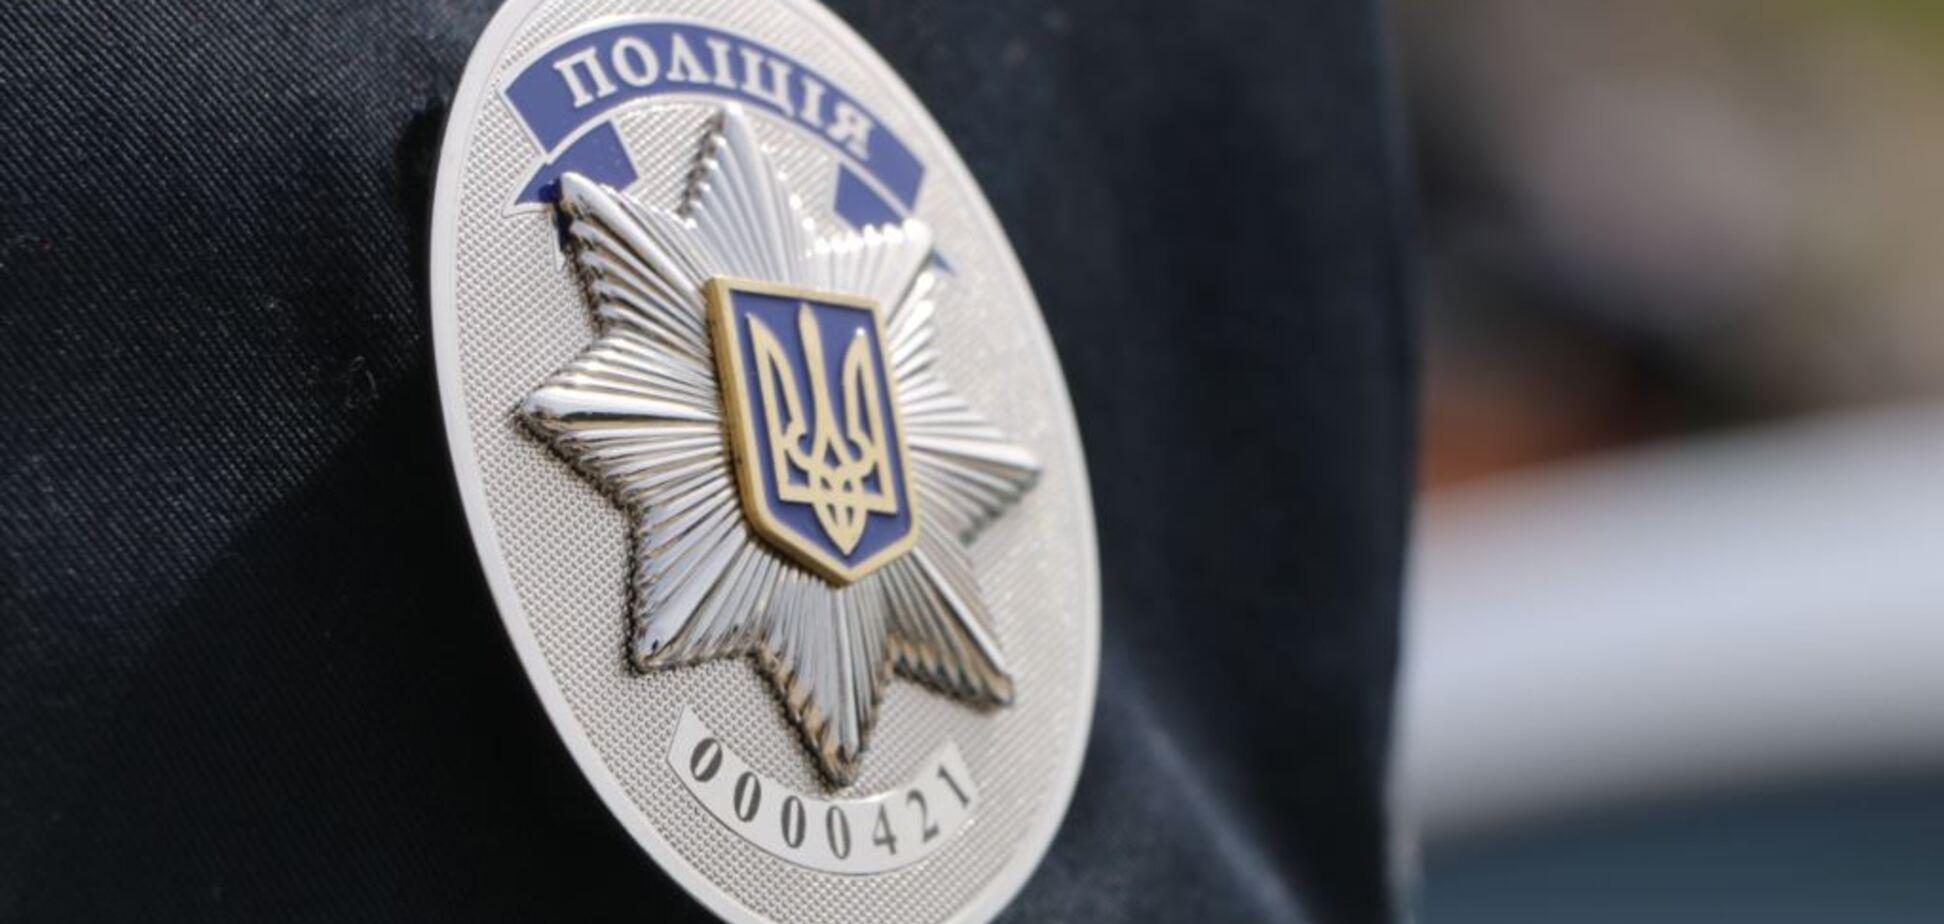 В Одессе борьба за очередь закончилась потасовкой и стрельбой прямо в парикмахерской